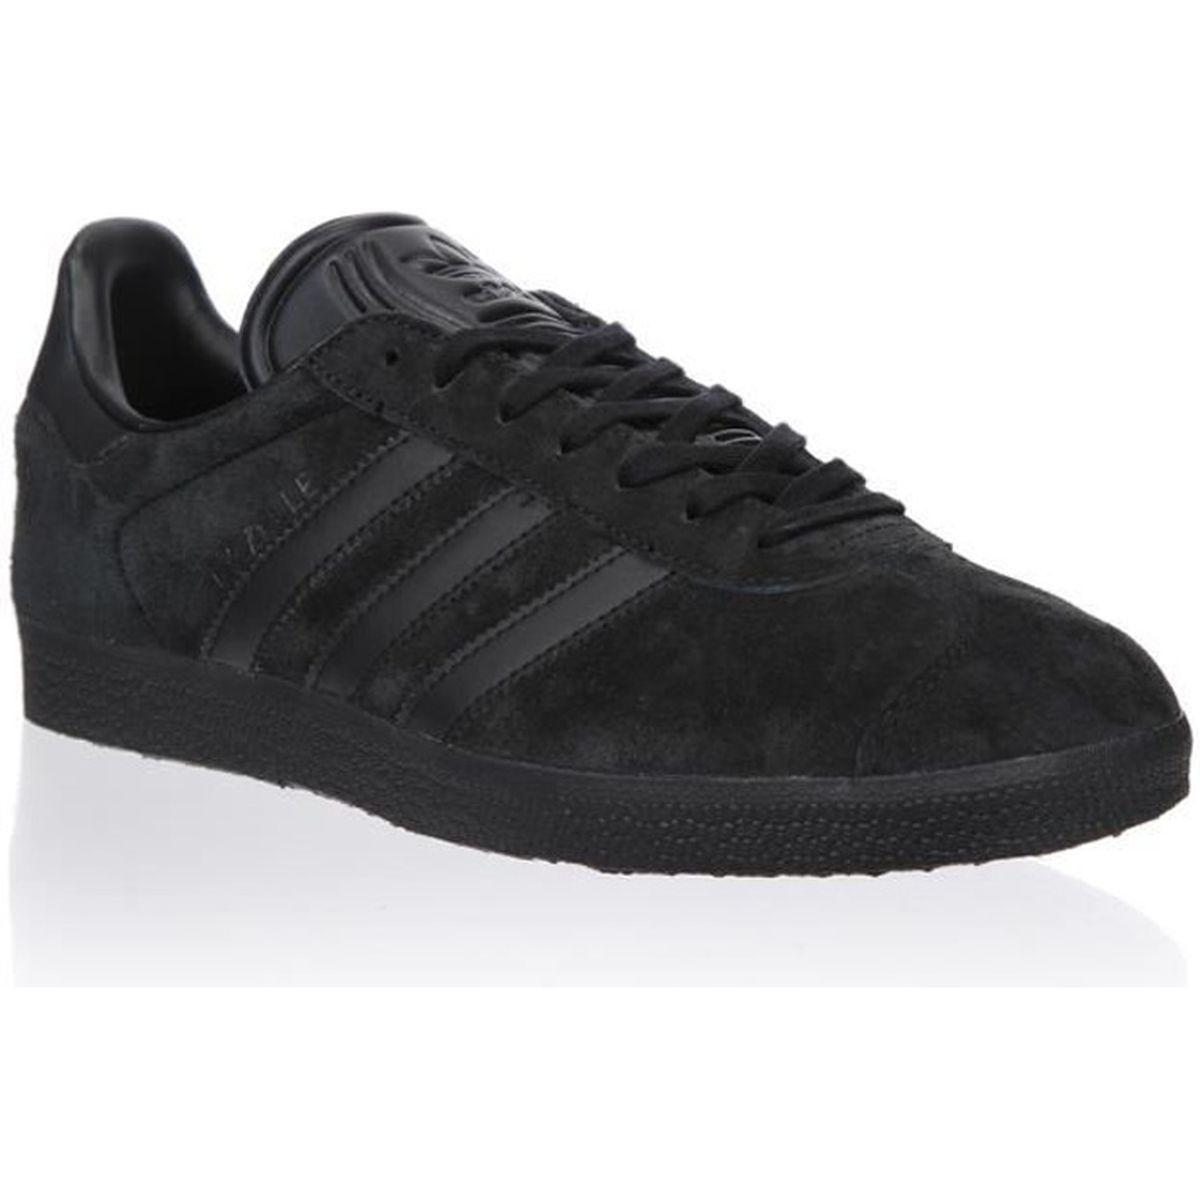 meilleur pas cher 332e6 22f04 Adidas gazelle noir - Achat / Vente pas cher